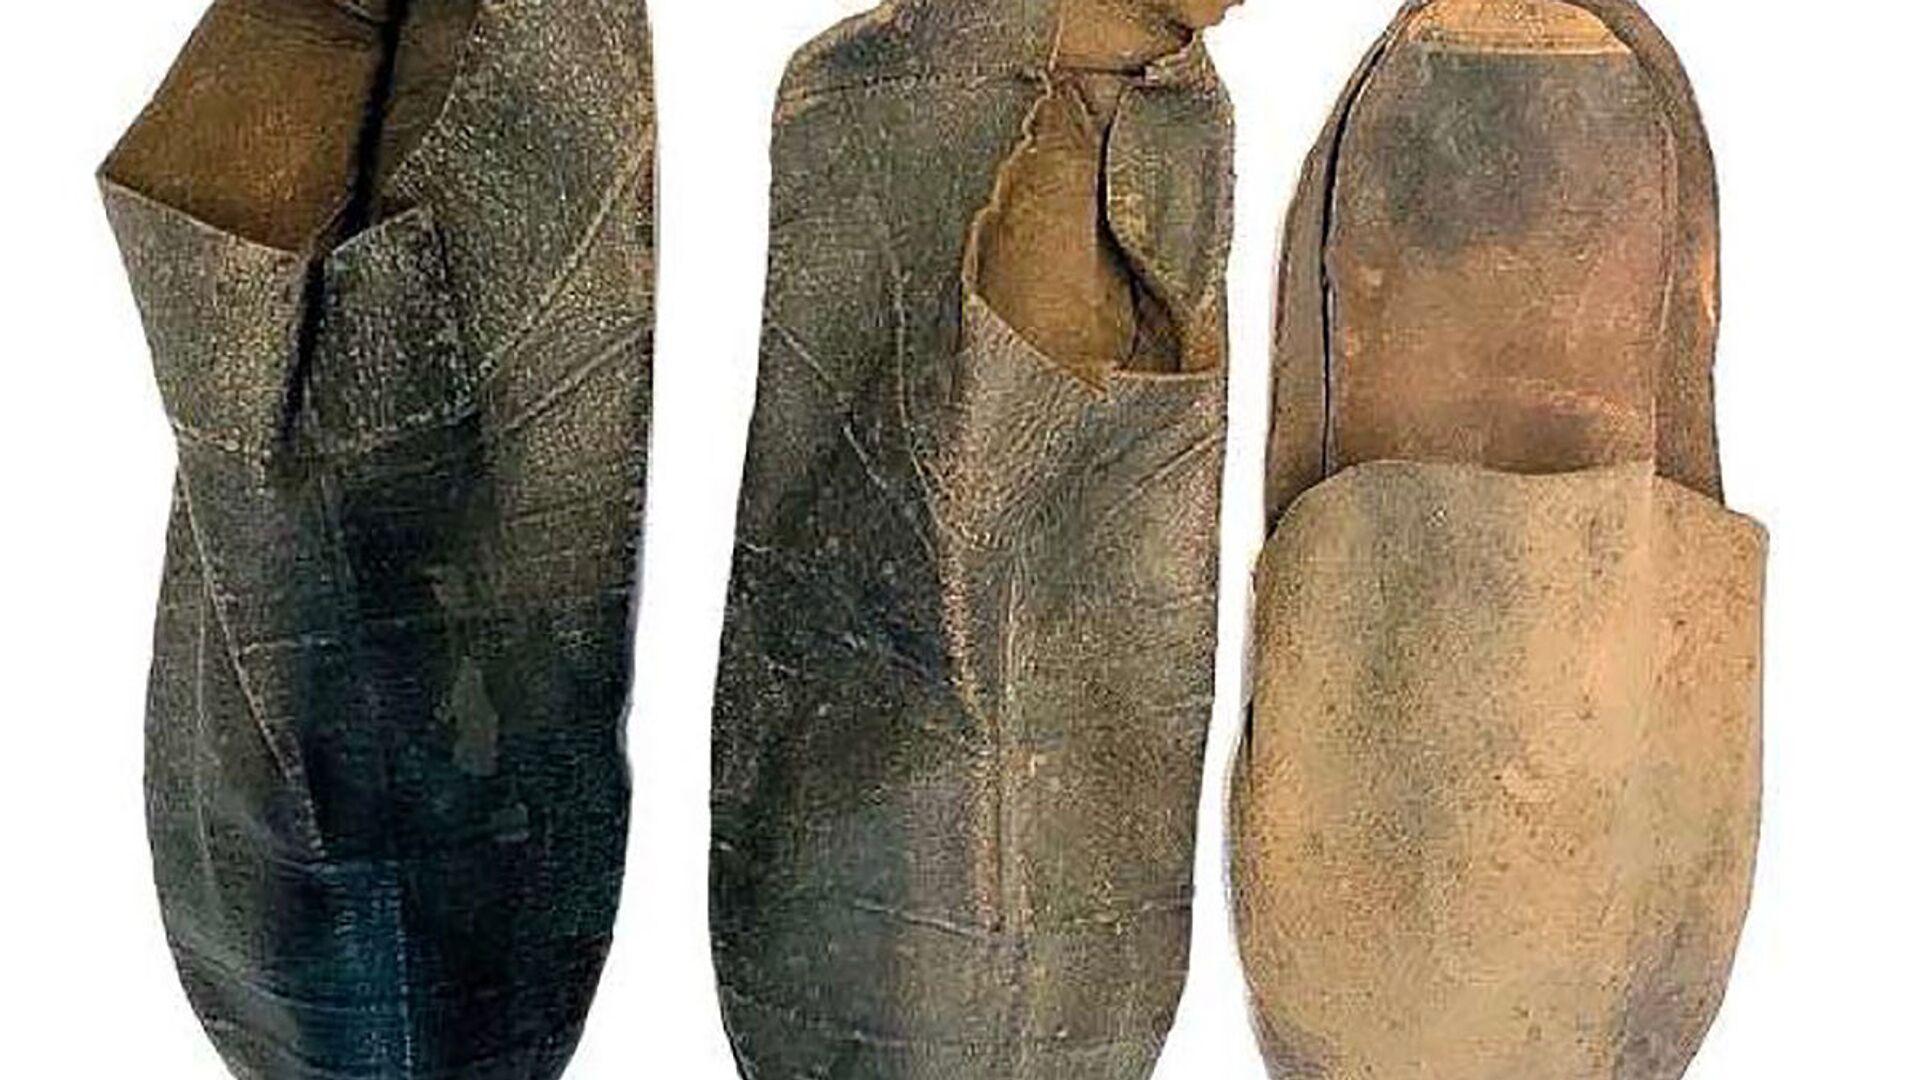 Kožené boty, které byly nalezeny v domě Michelangela - Sputnik Česká republika, 1920, 10.09.2021